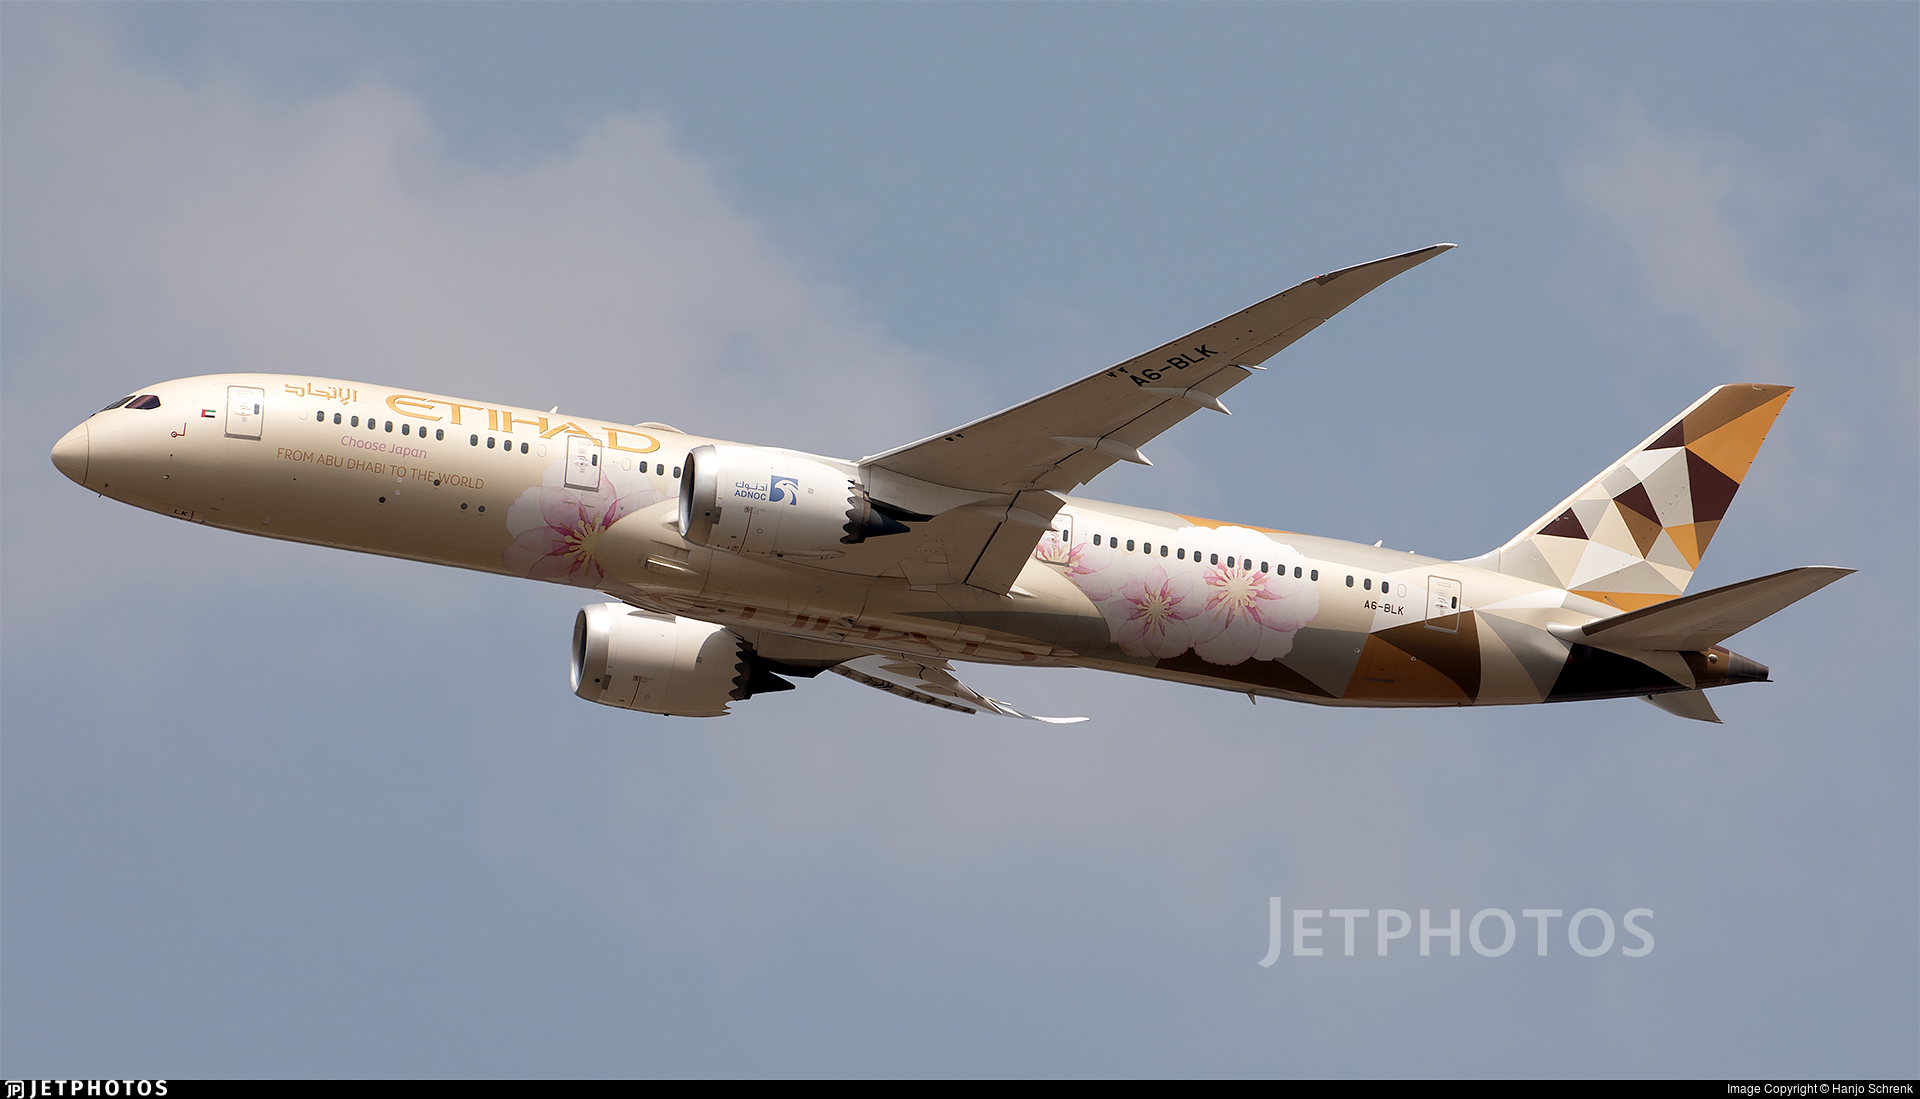 A6-BLK - Boeing 787-9 Dreamliner - Etihad Airways